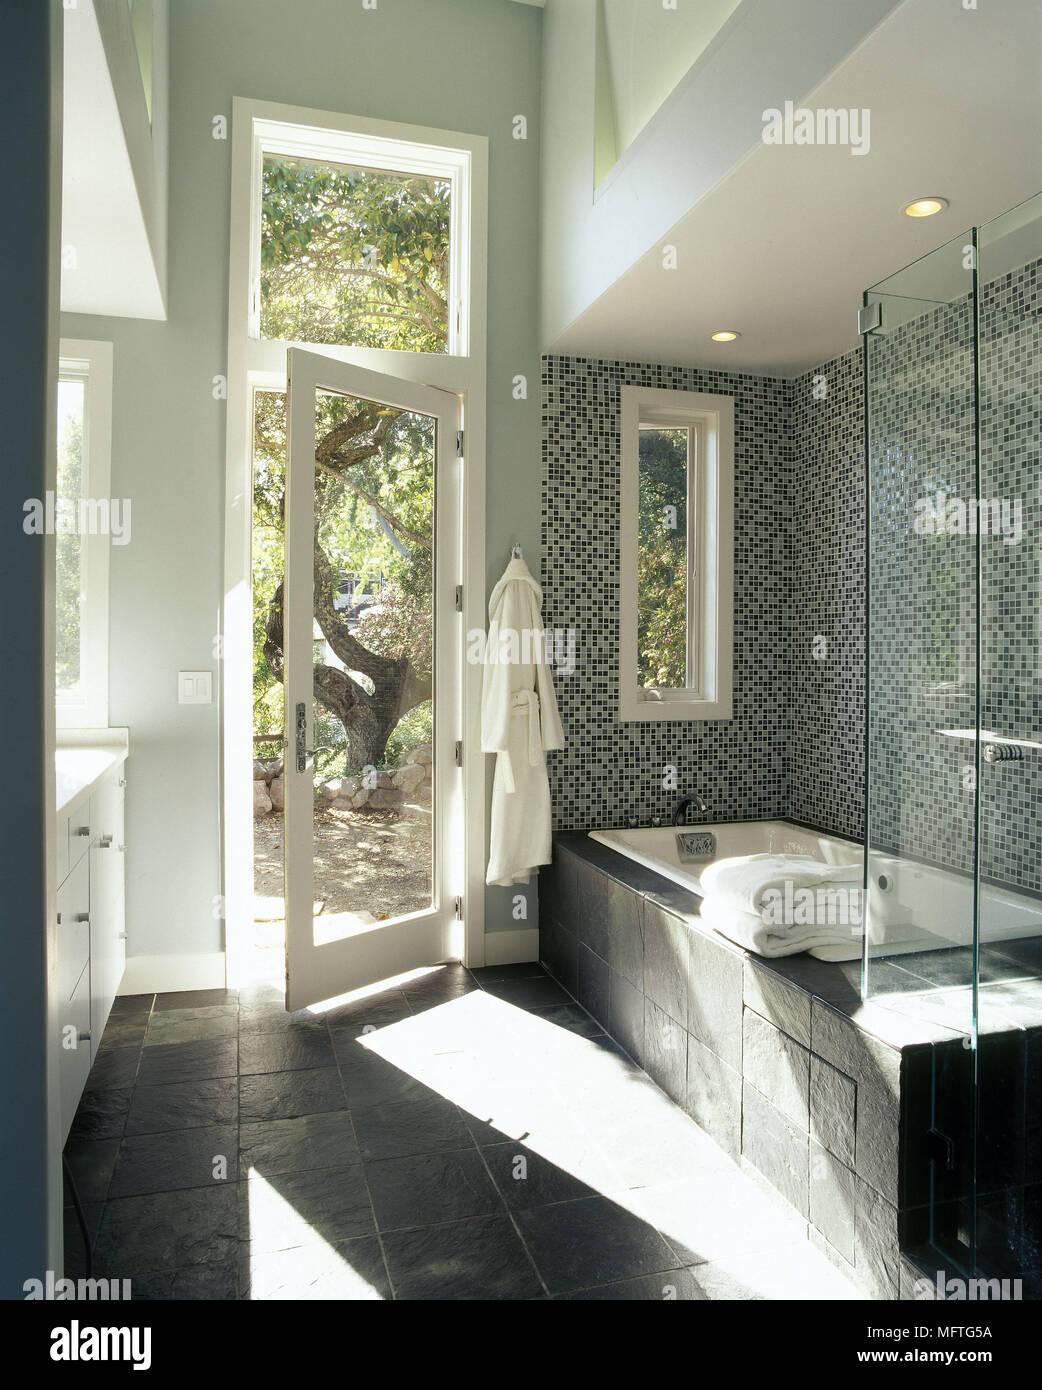 Modernes Badezimmer grauem Schiefer fliesen Badewanne Dusche aus ...